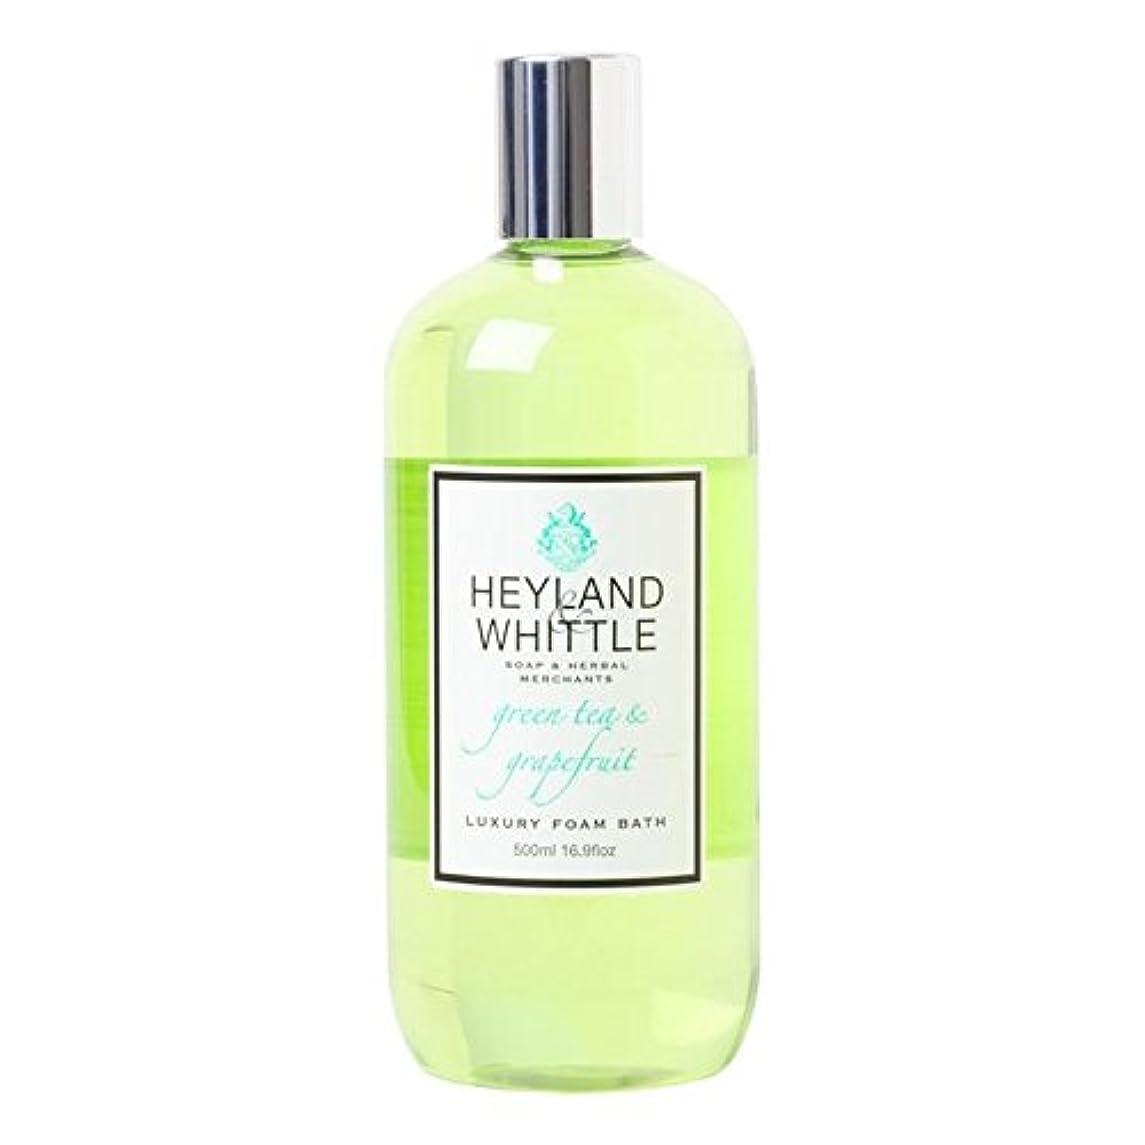 限り床を掃除するホテル&削るグリーンティ&グレープフルーツ泡風呂500ミリリットル x2 - Heyland & Whittle Greentea & Grapefruit Foam Bath 500ml (Pack of 2) [並行輸入品]